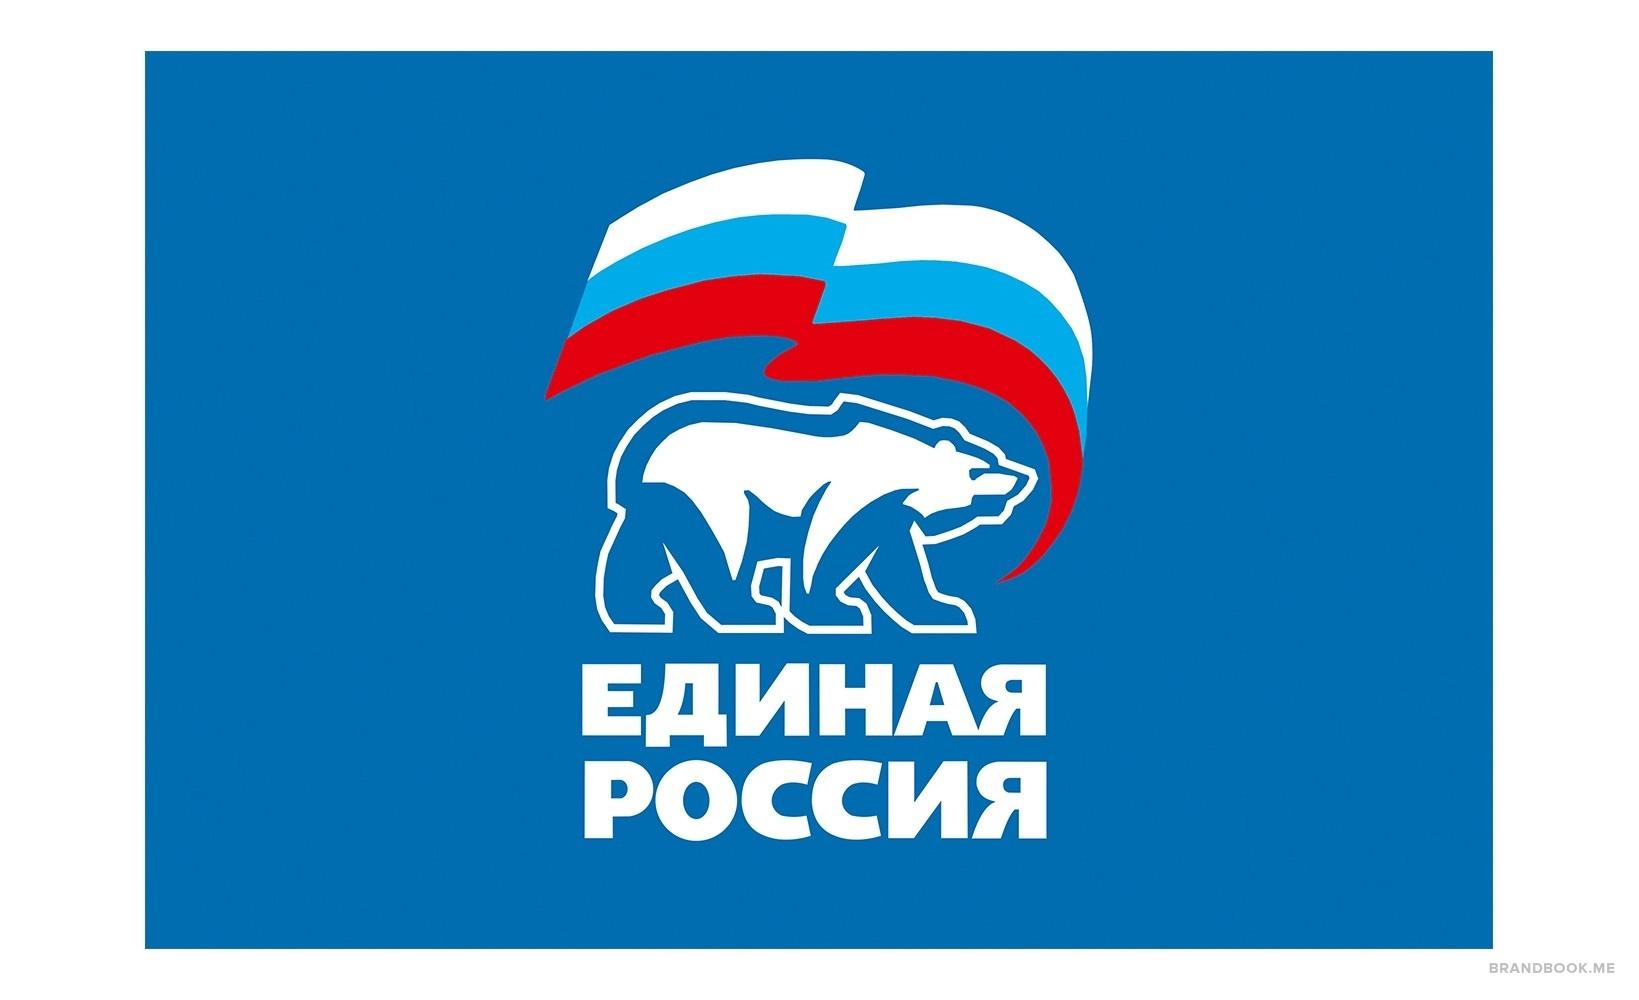 Удмуртское региональное отделение партии «ЕДИНАЯ РОССИЯ» продолжает